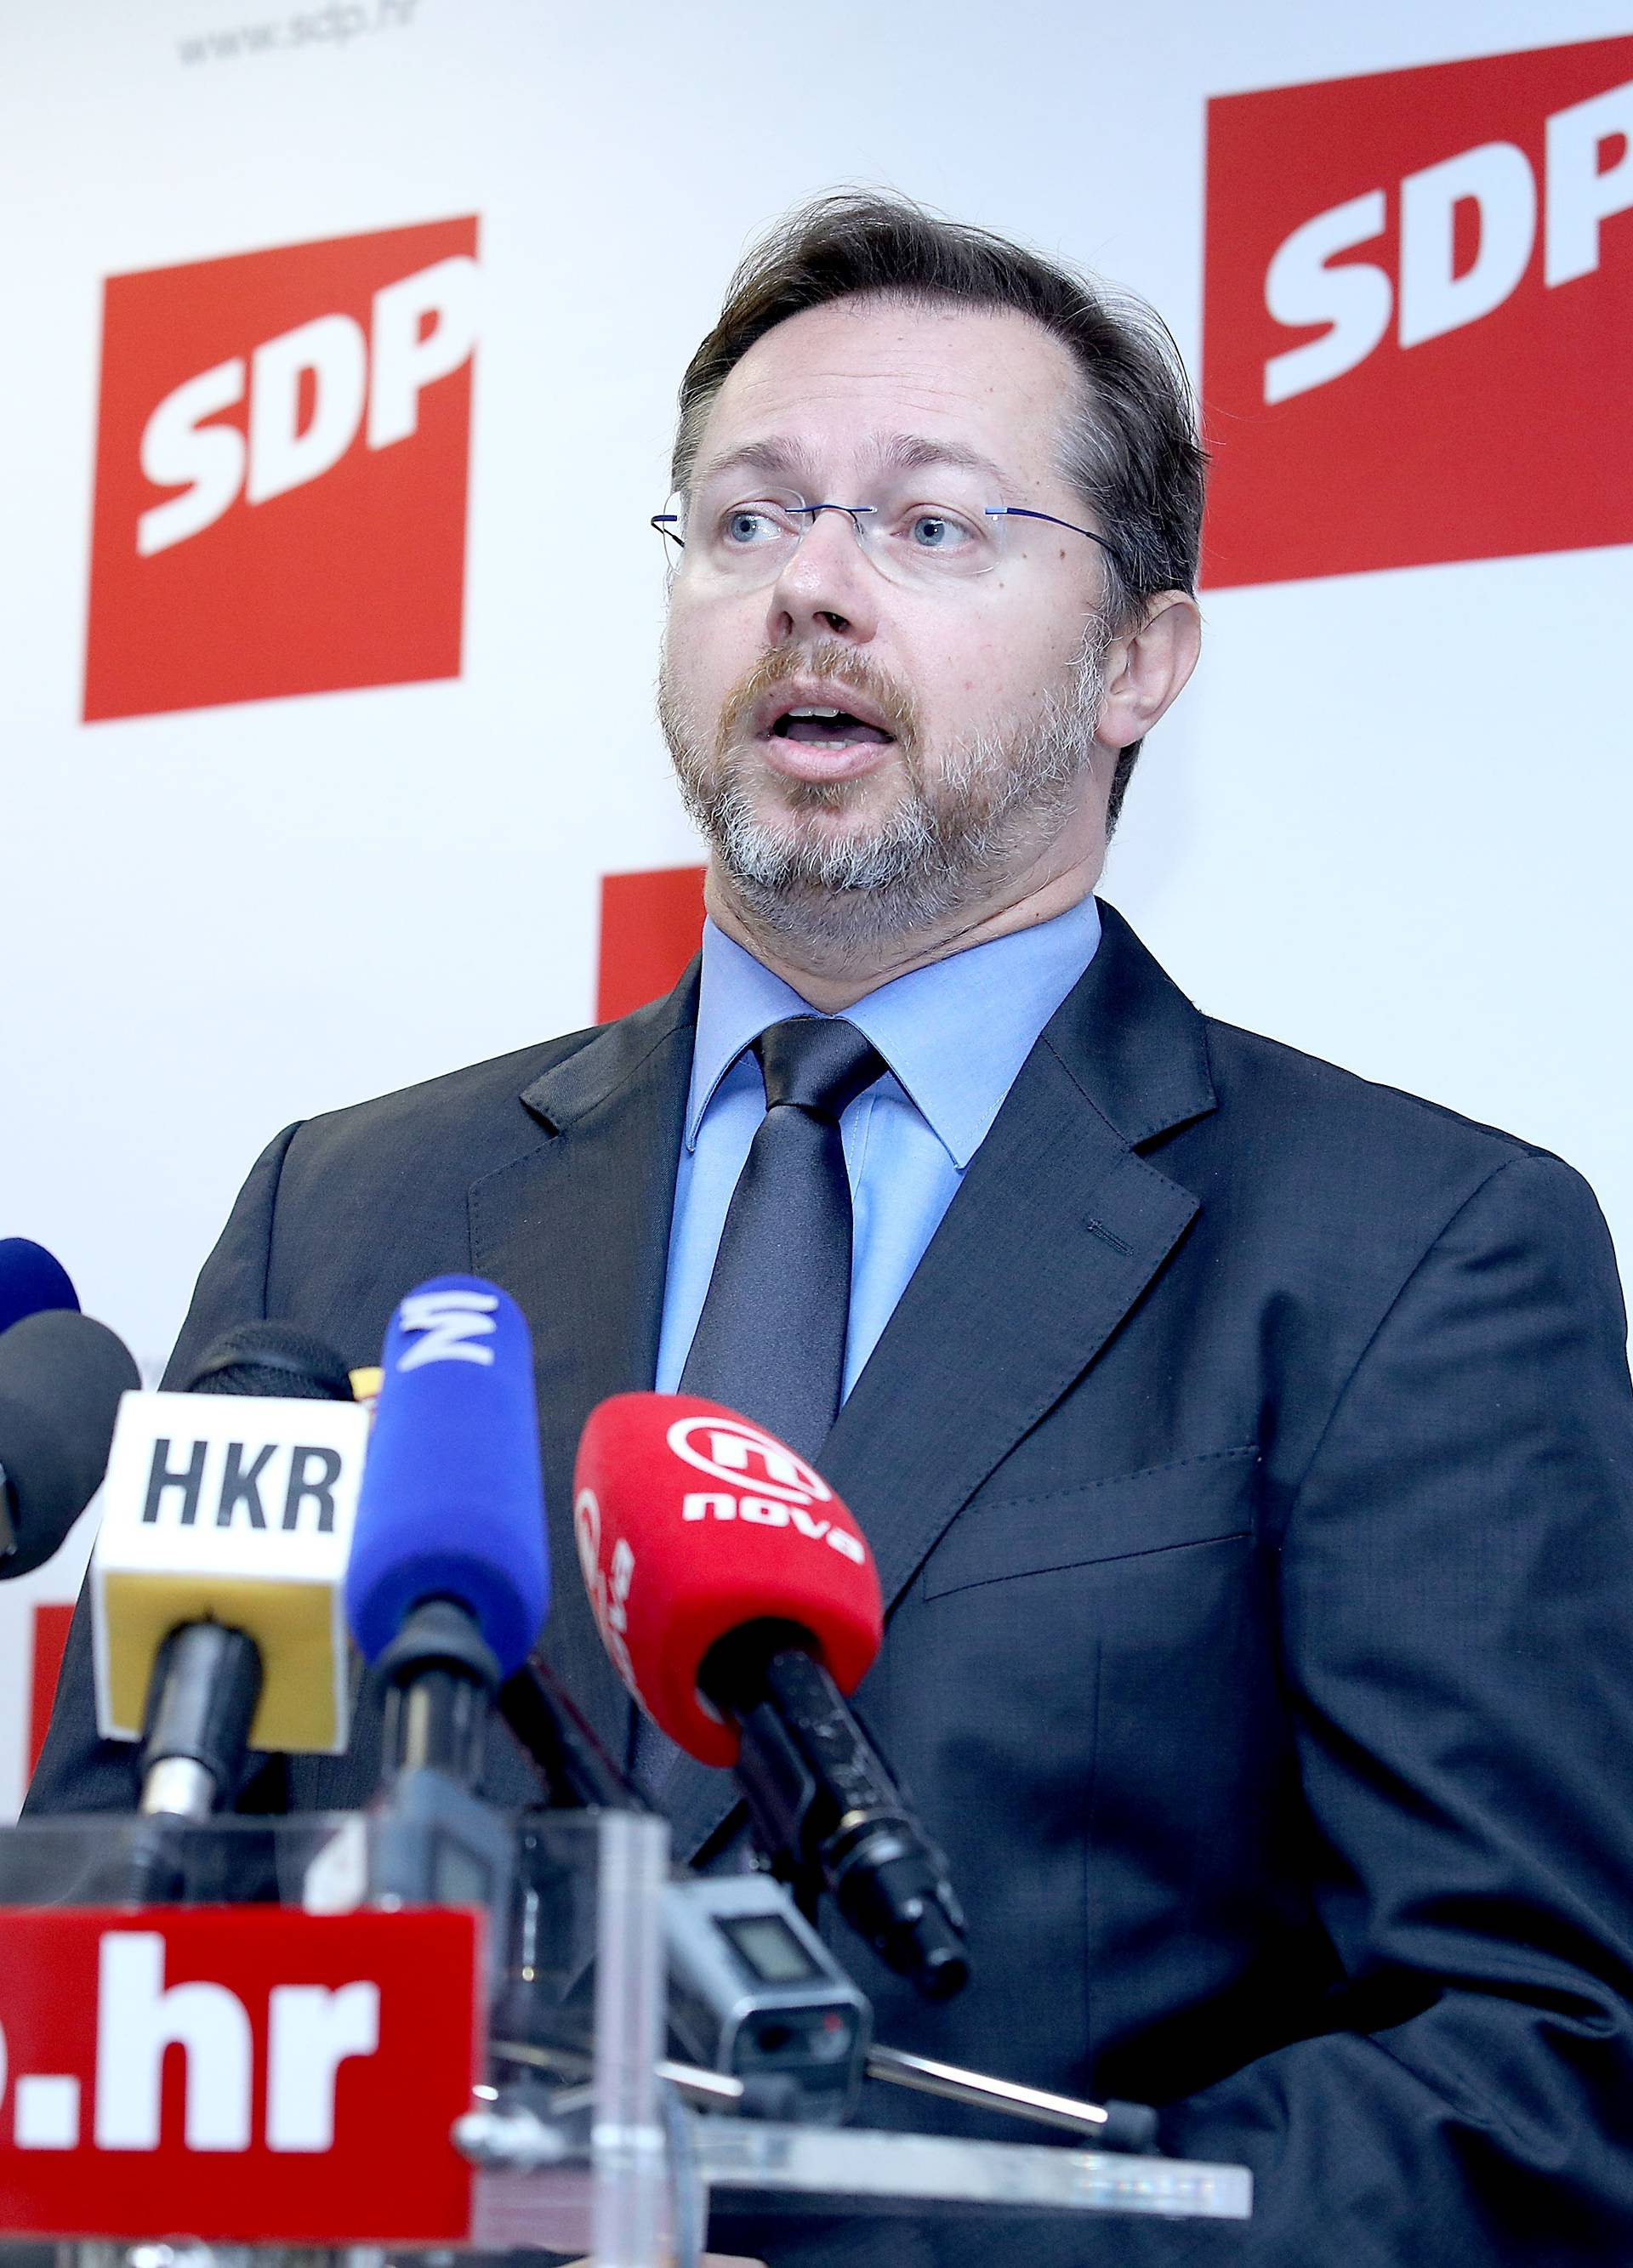 Varga: Odlazim iz SDP-a, ovo vodstvo ne promiče vrijednosti